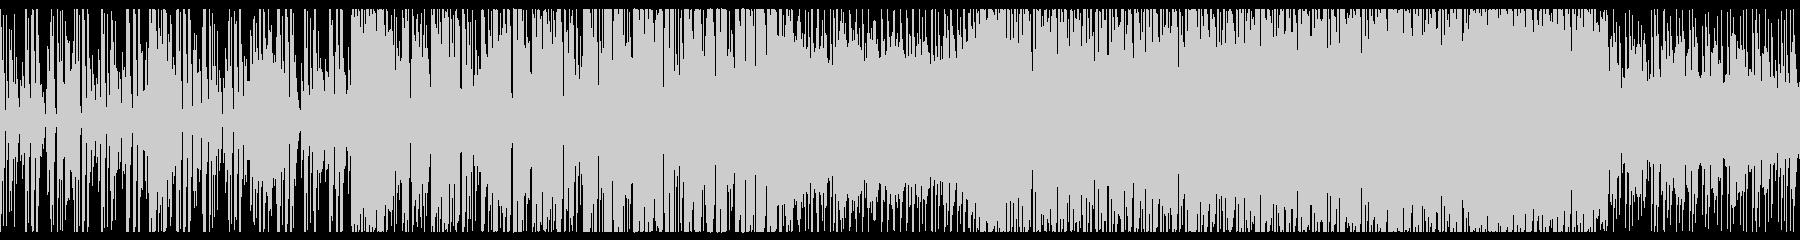 明るく元気の良いシンセのループBGMの未再生の波形